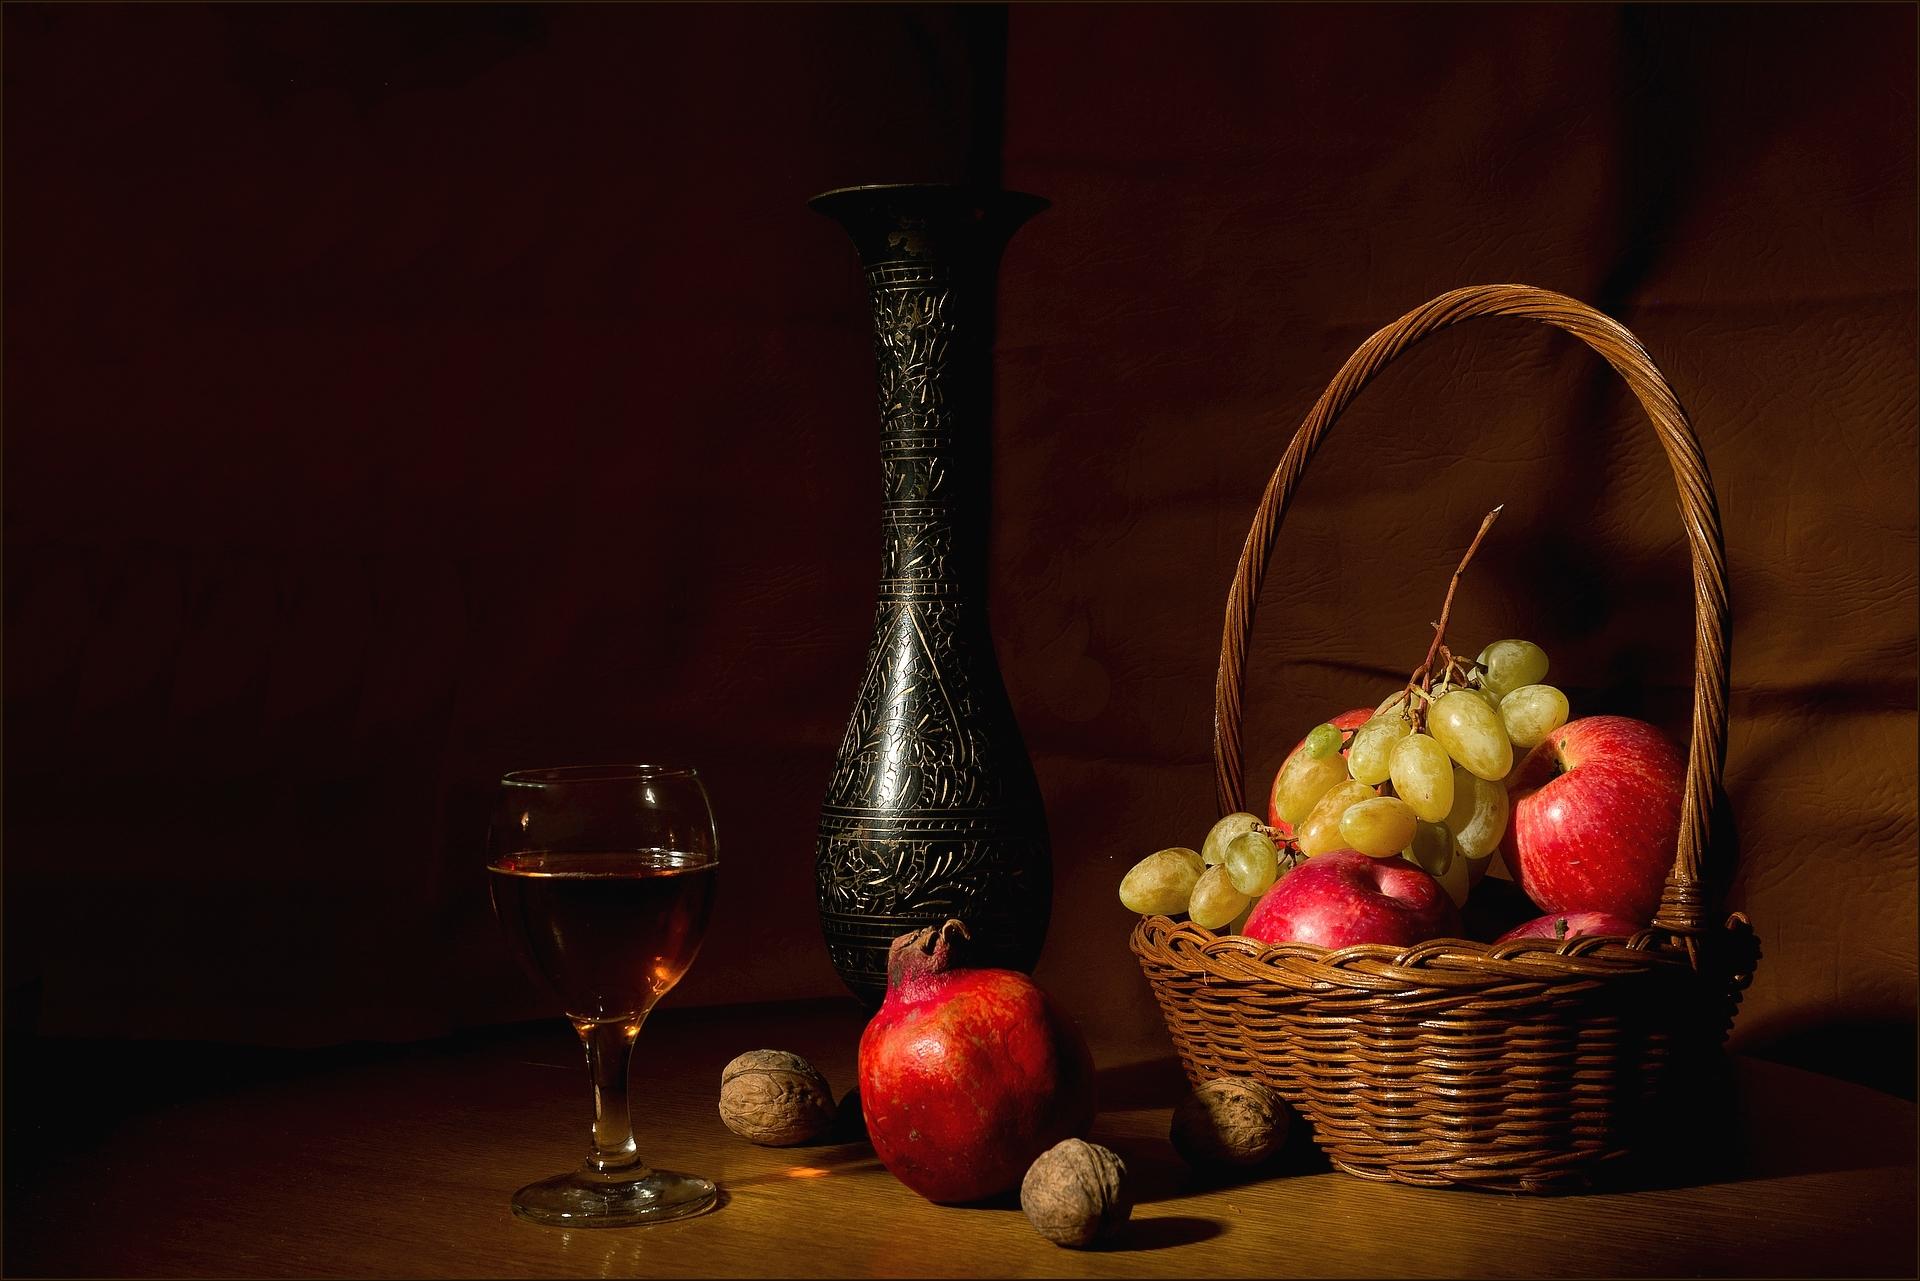 еда курица свечи виноград яблоки бесплатно